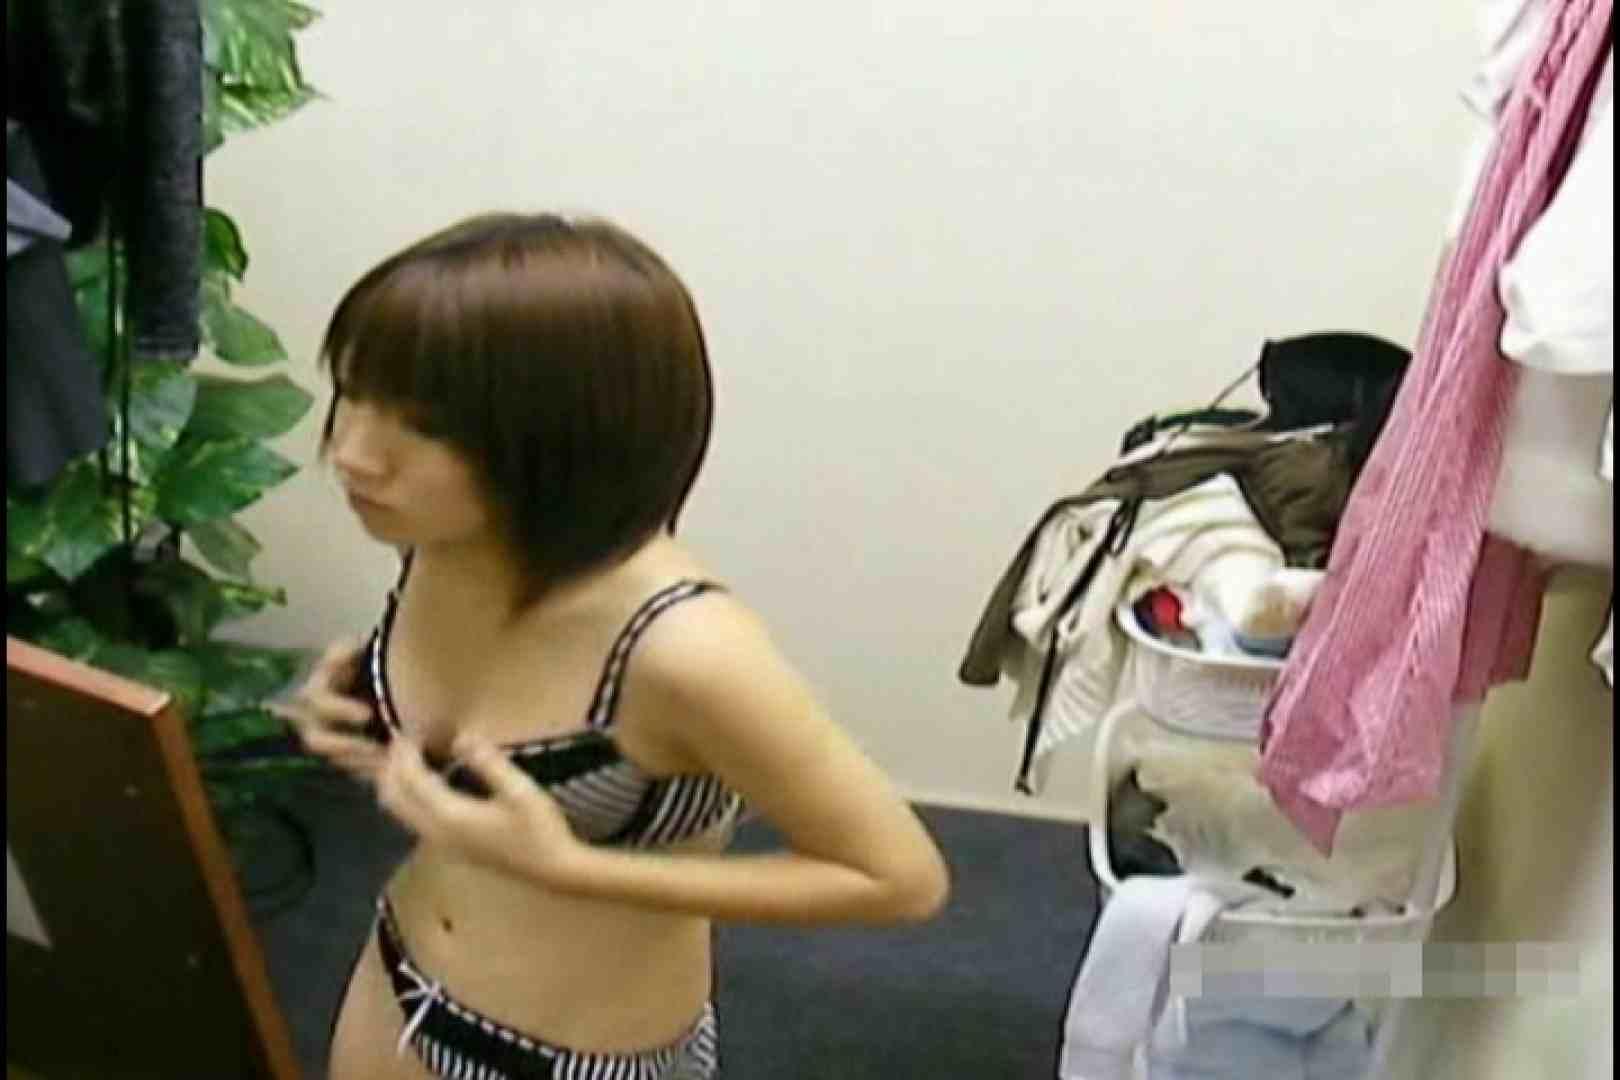 素人撮影 下着だけの撮影のはずが・・・れみ18歳 下着姿  111pic 54